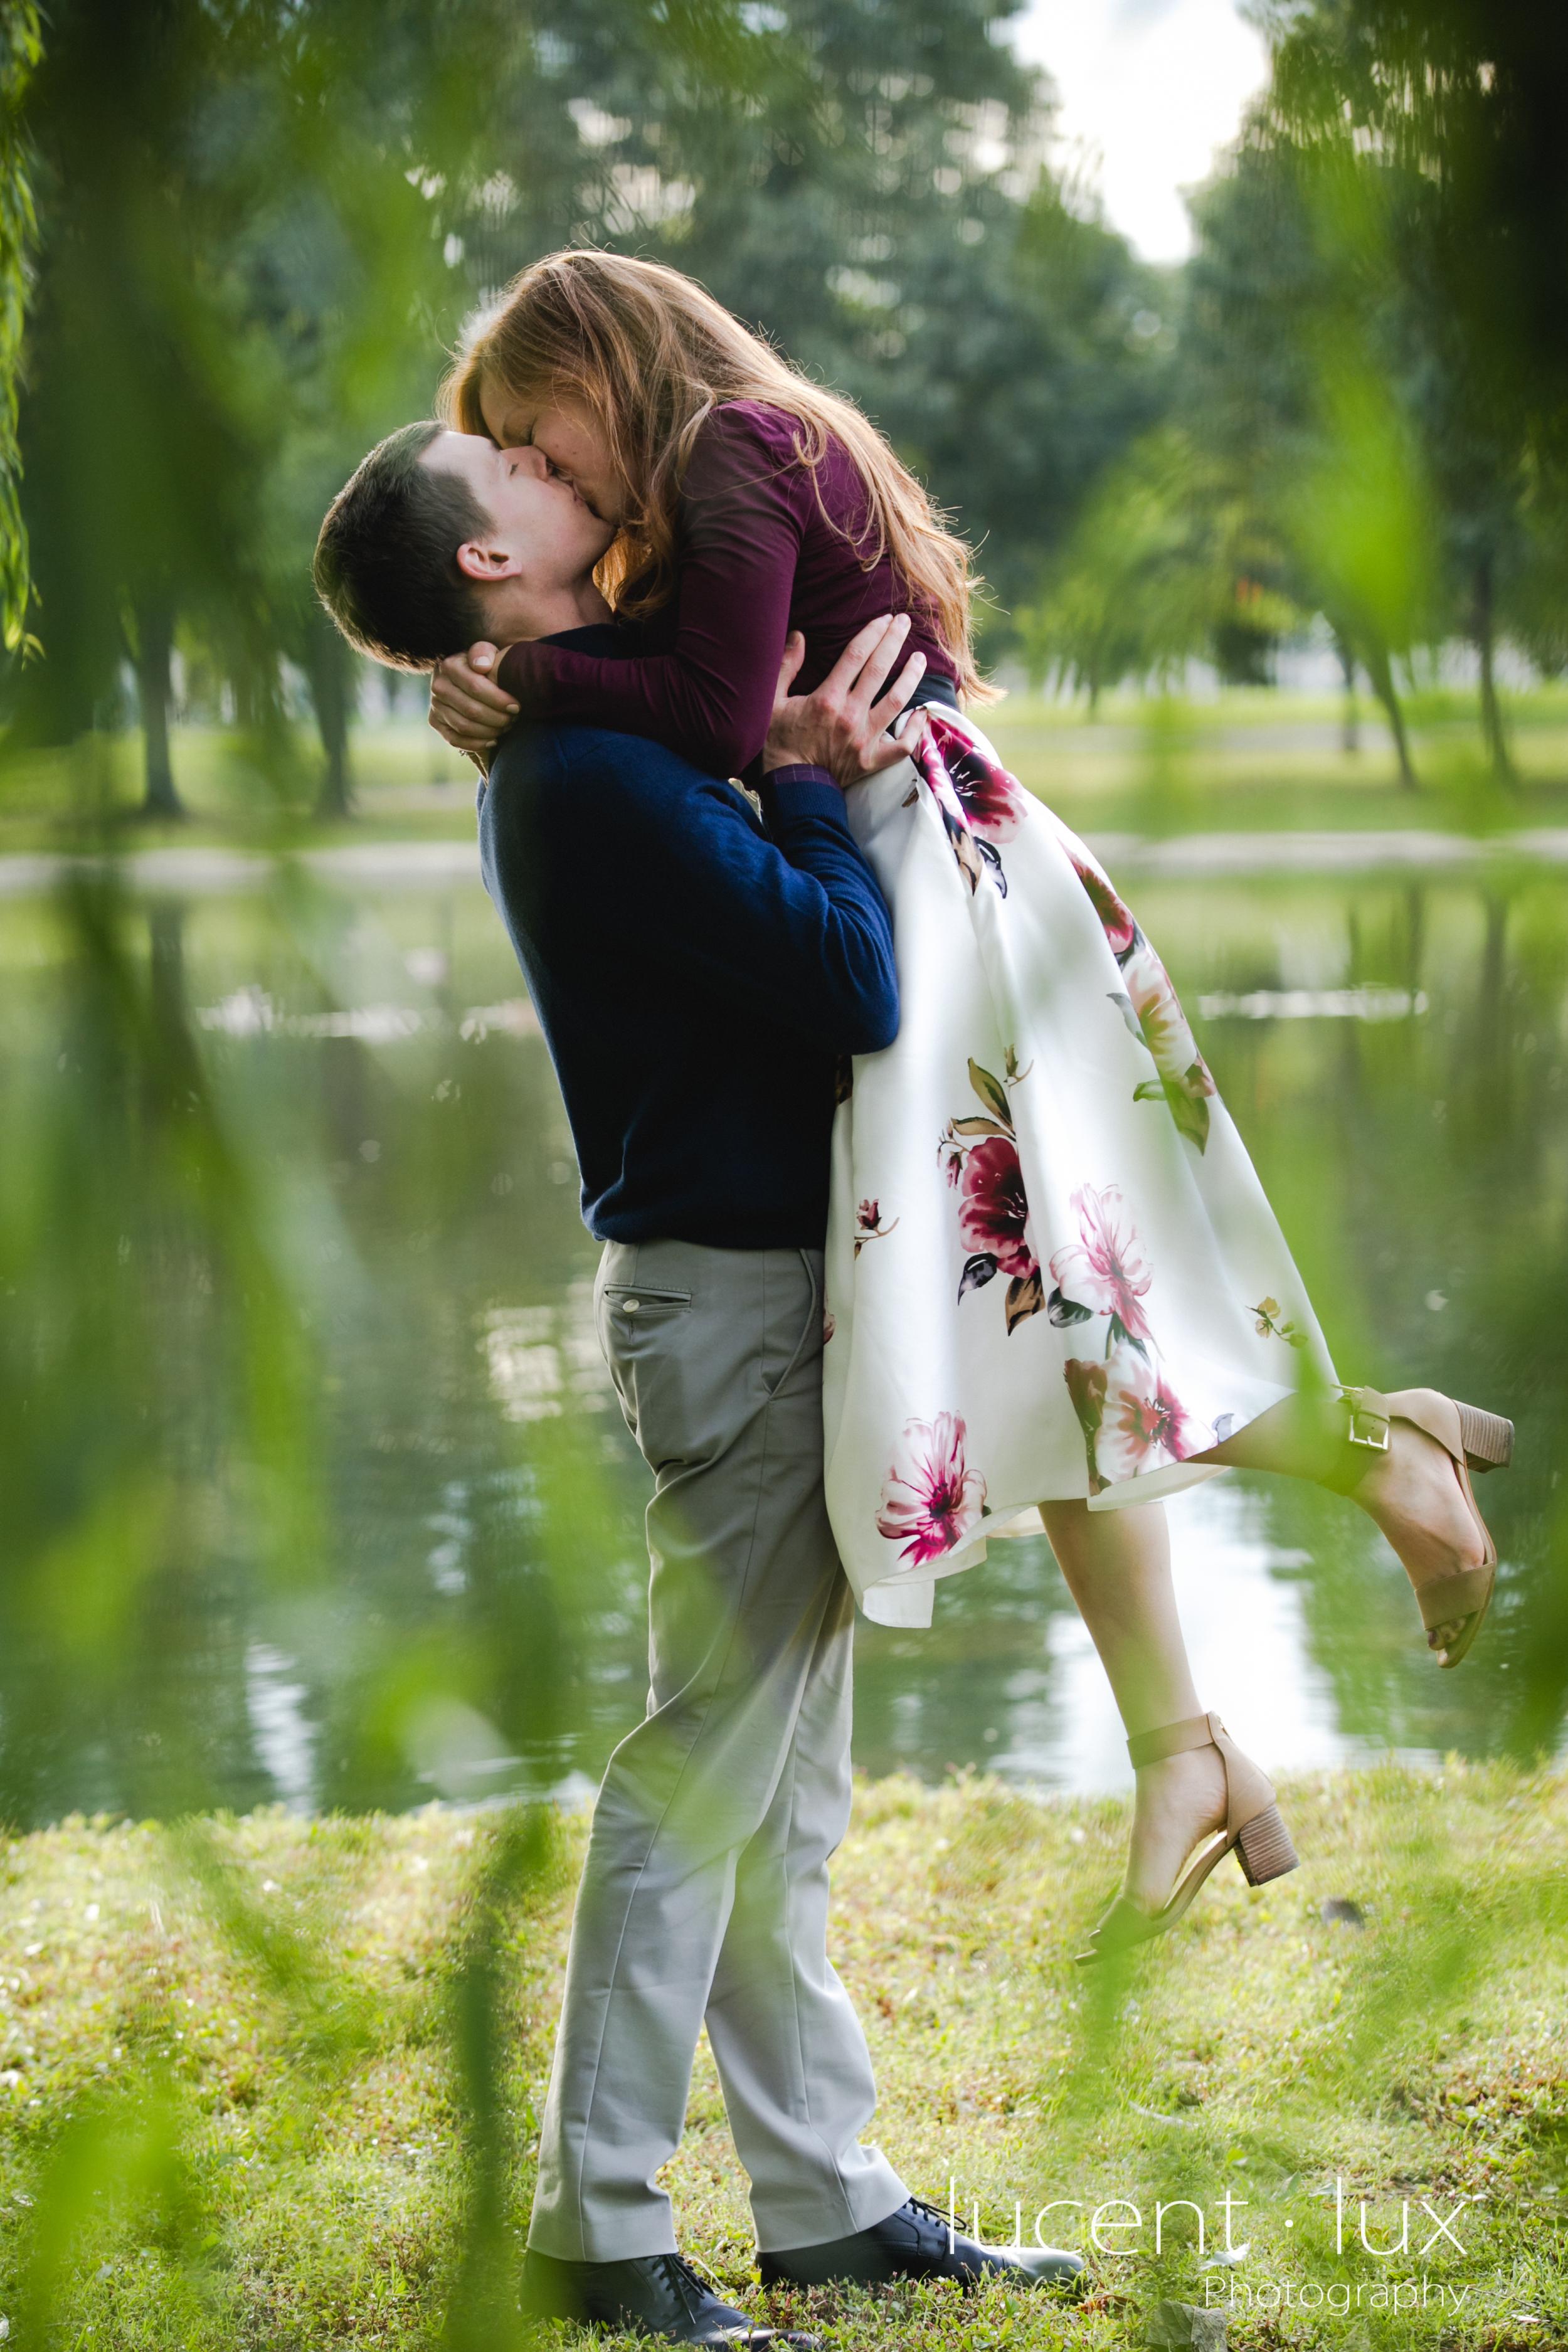 Baltimore-Maryland-Engagement-Photography-Wedding-Washington-DC-Photographer-Portrait-Engagement-254.jpg